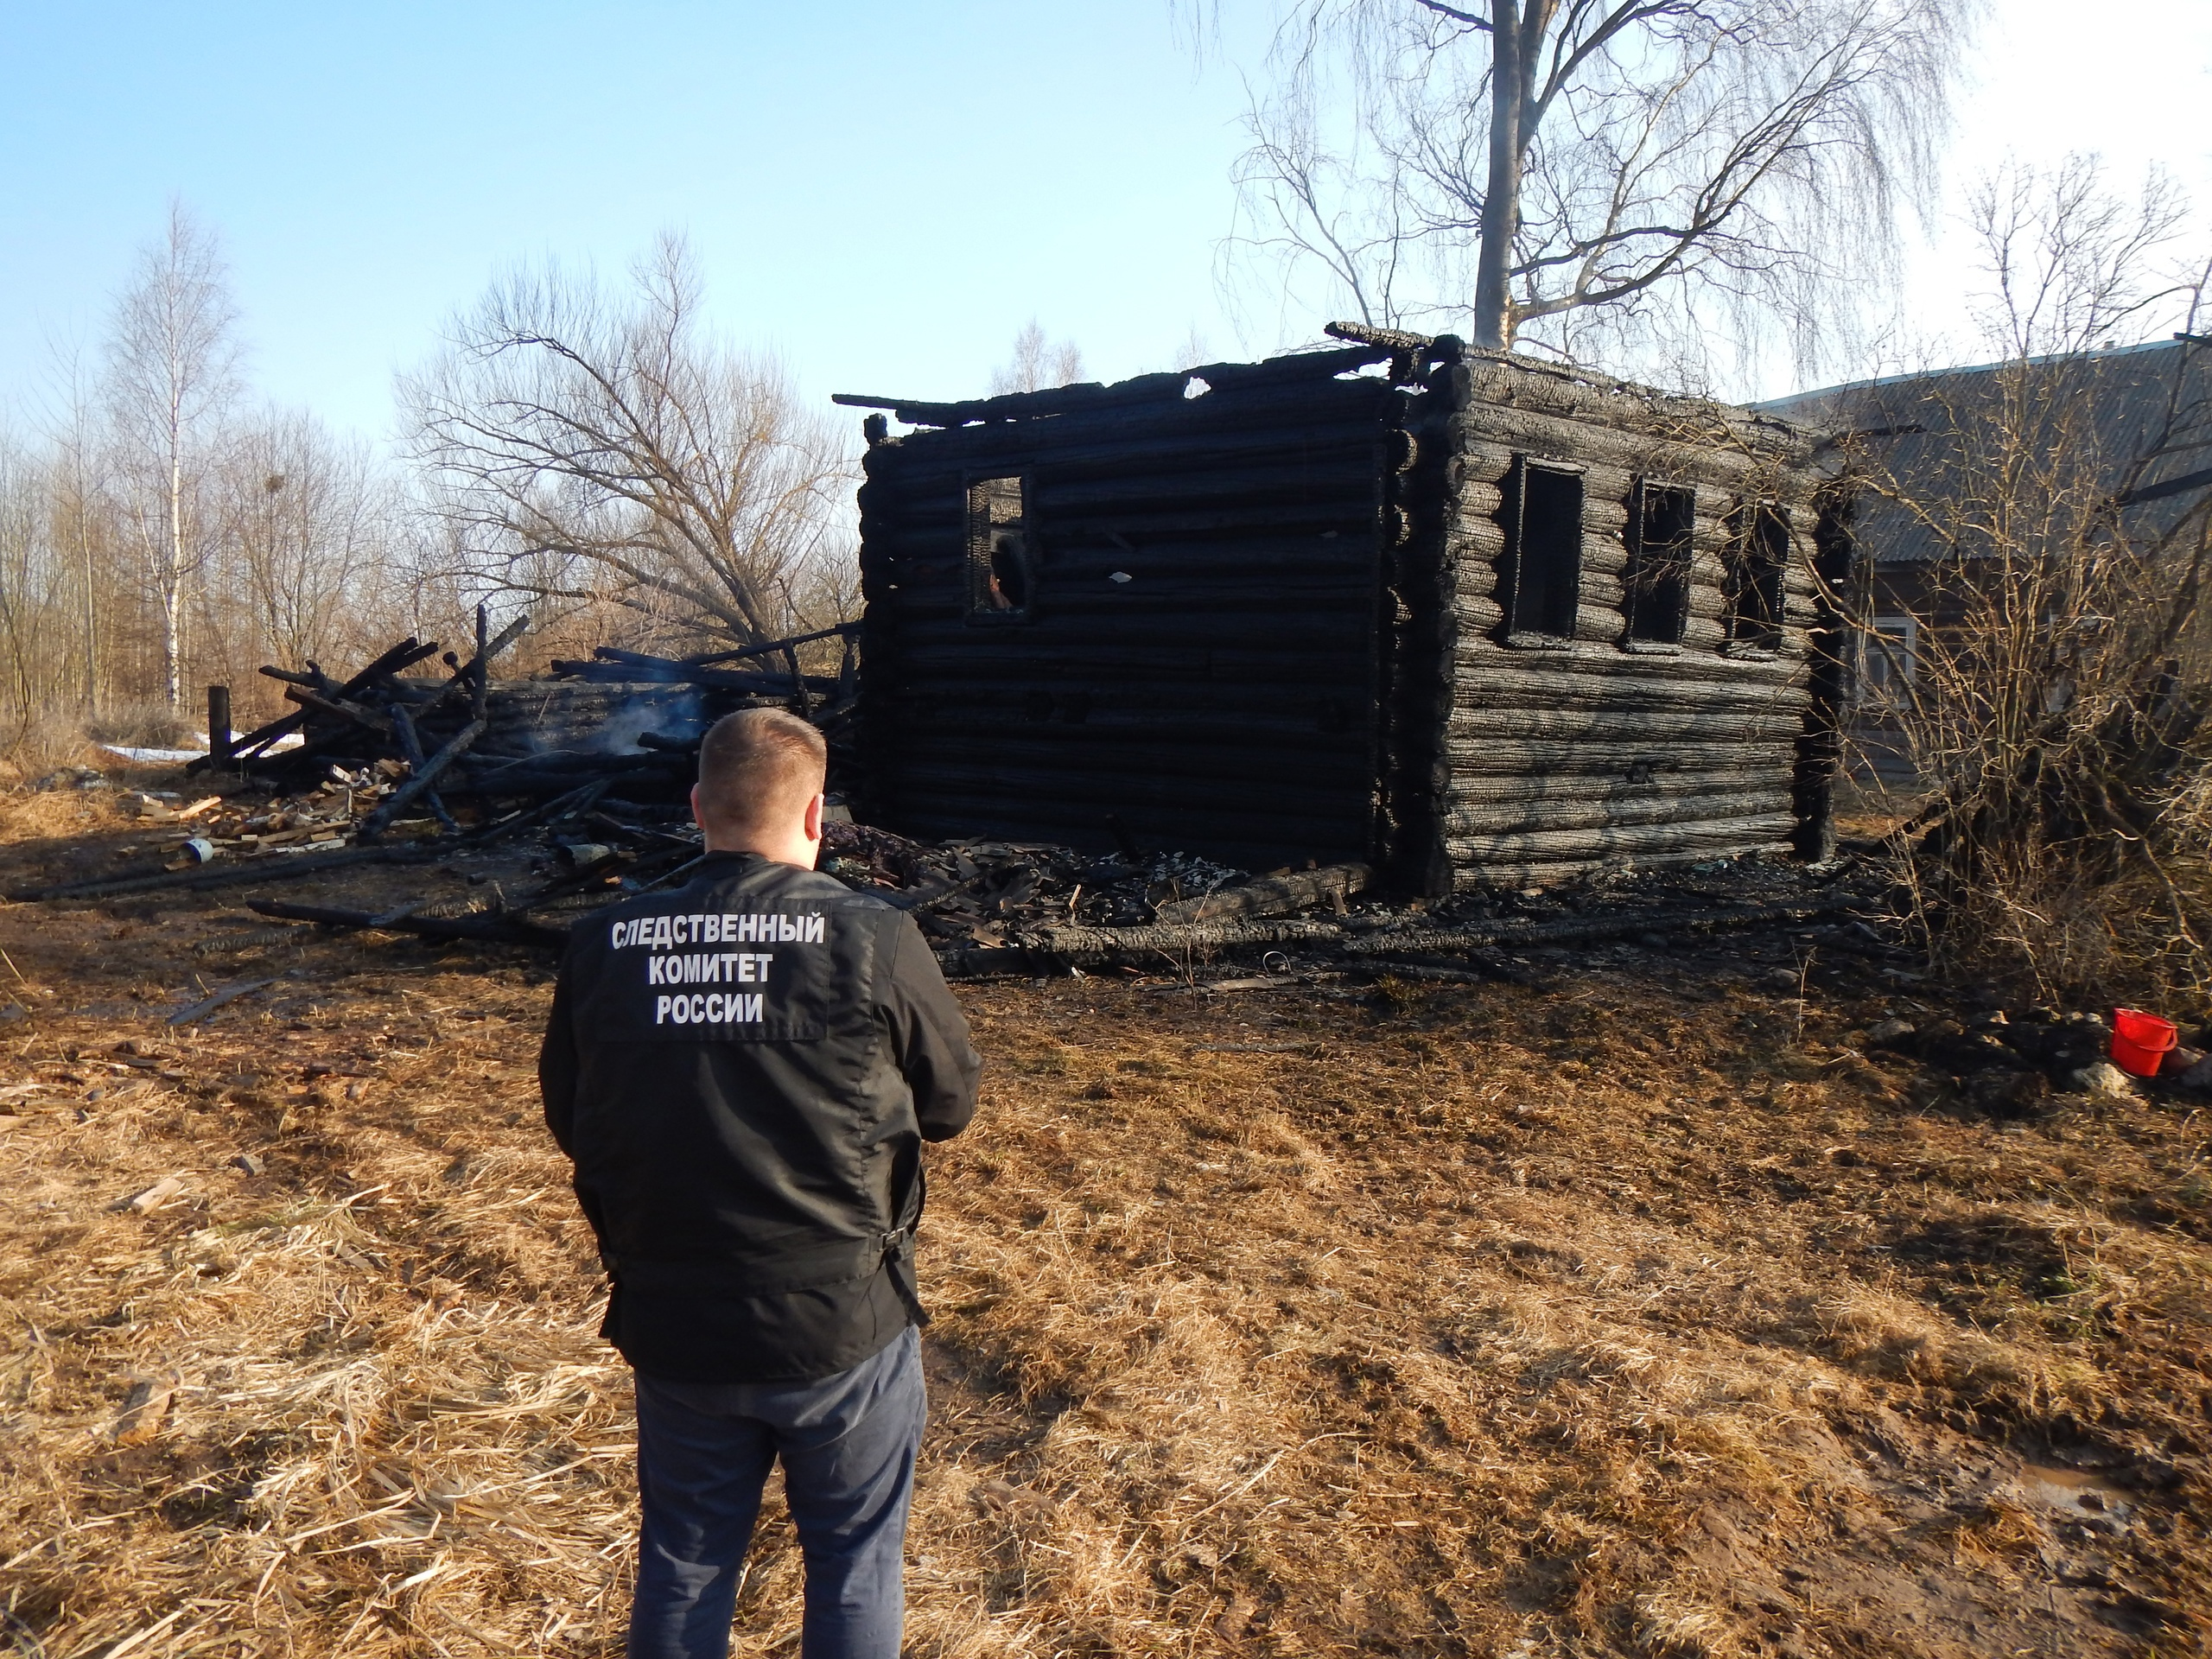 Женщина погибла в сгоревшем доме в Тверской области - новости Афанасий